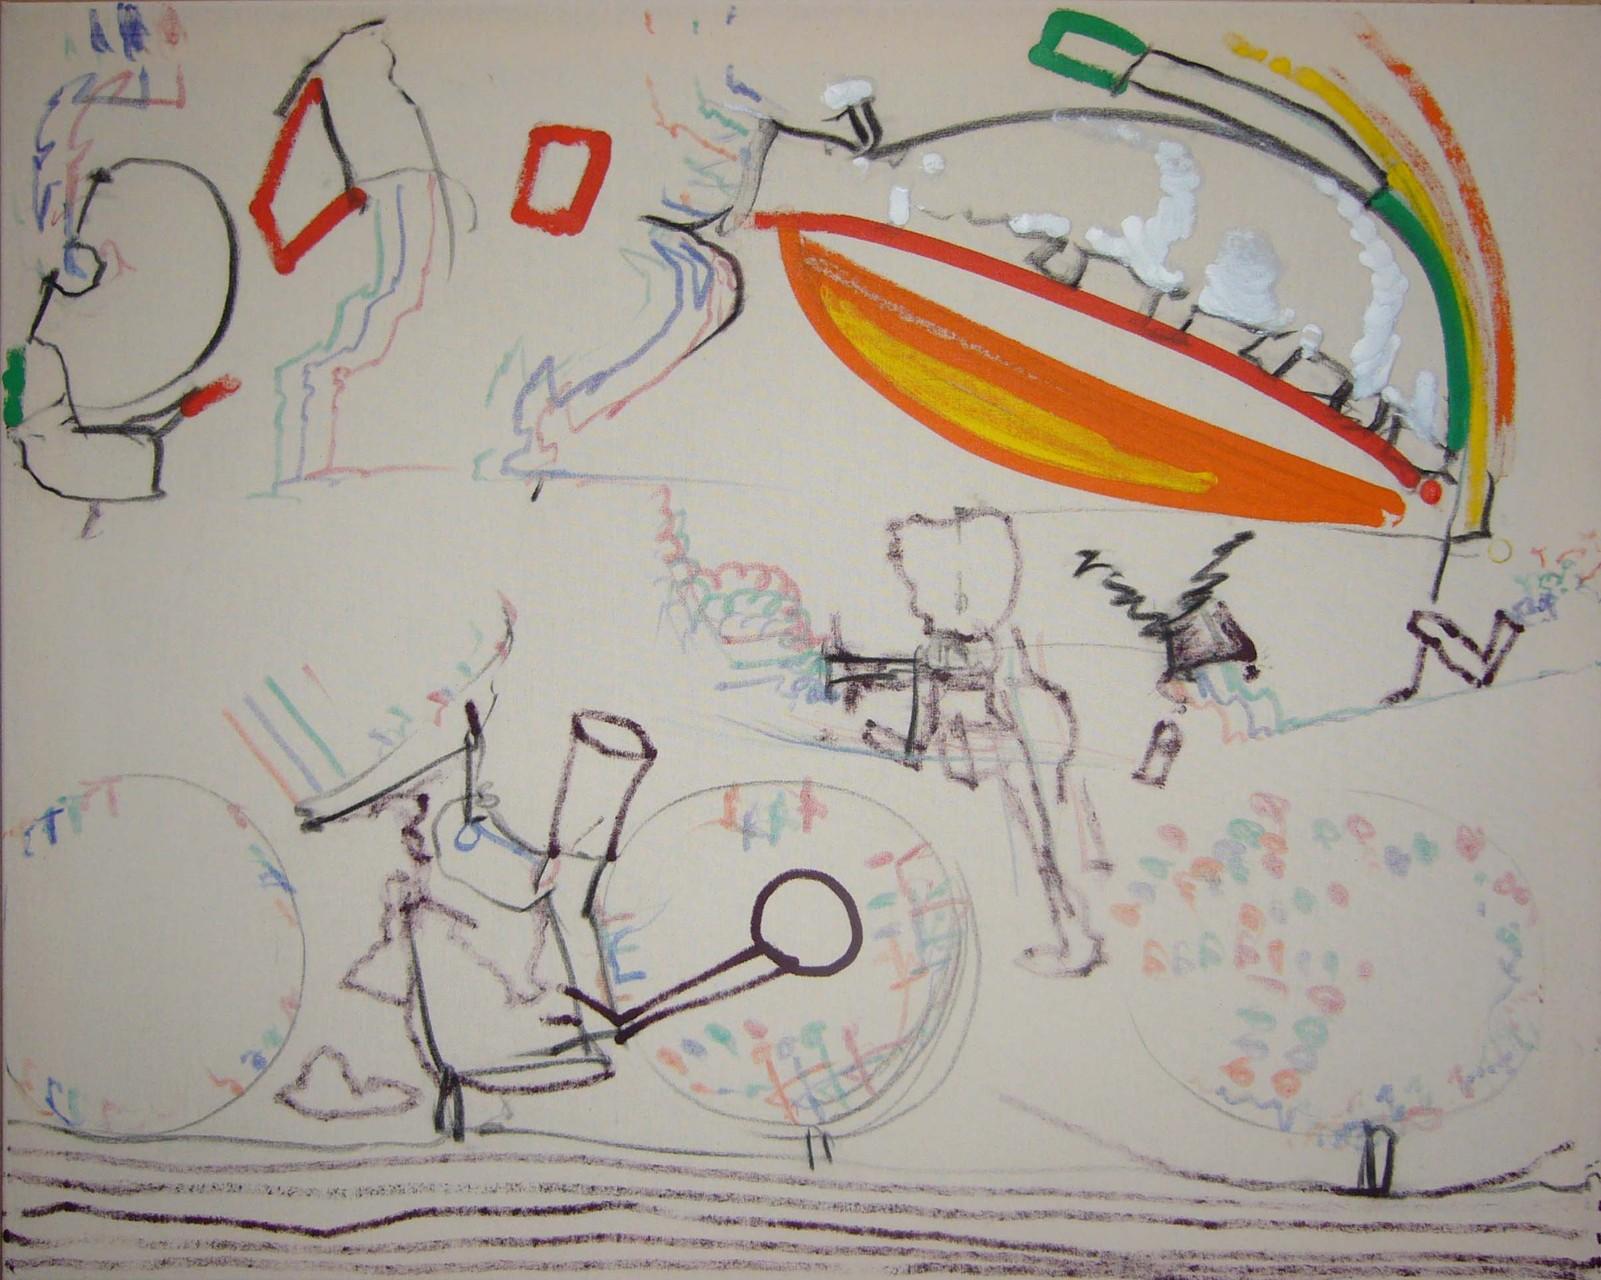 Farbkontakte-Momentaufnahmen, 2005-12, Mischtechnik auf Leinwand